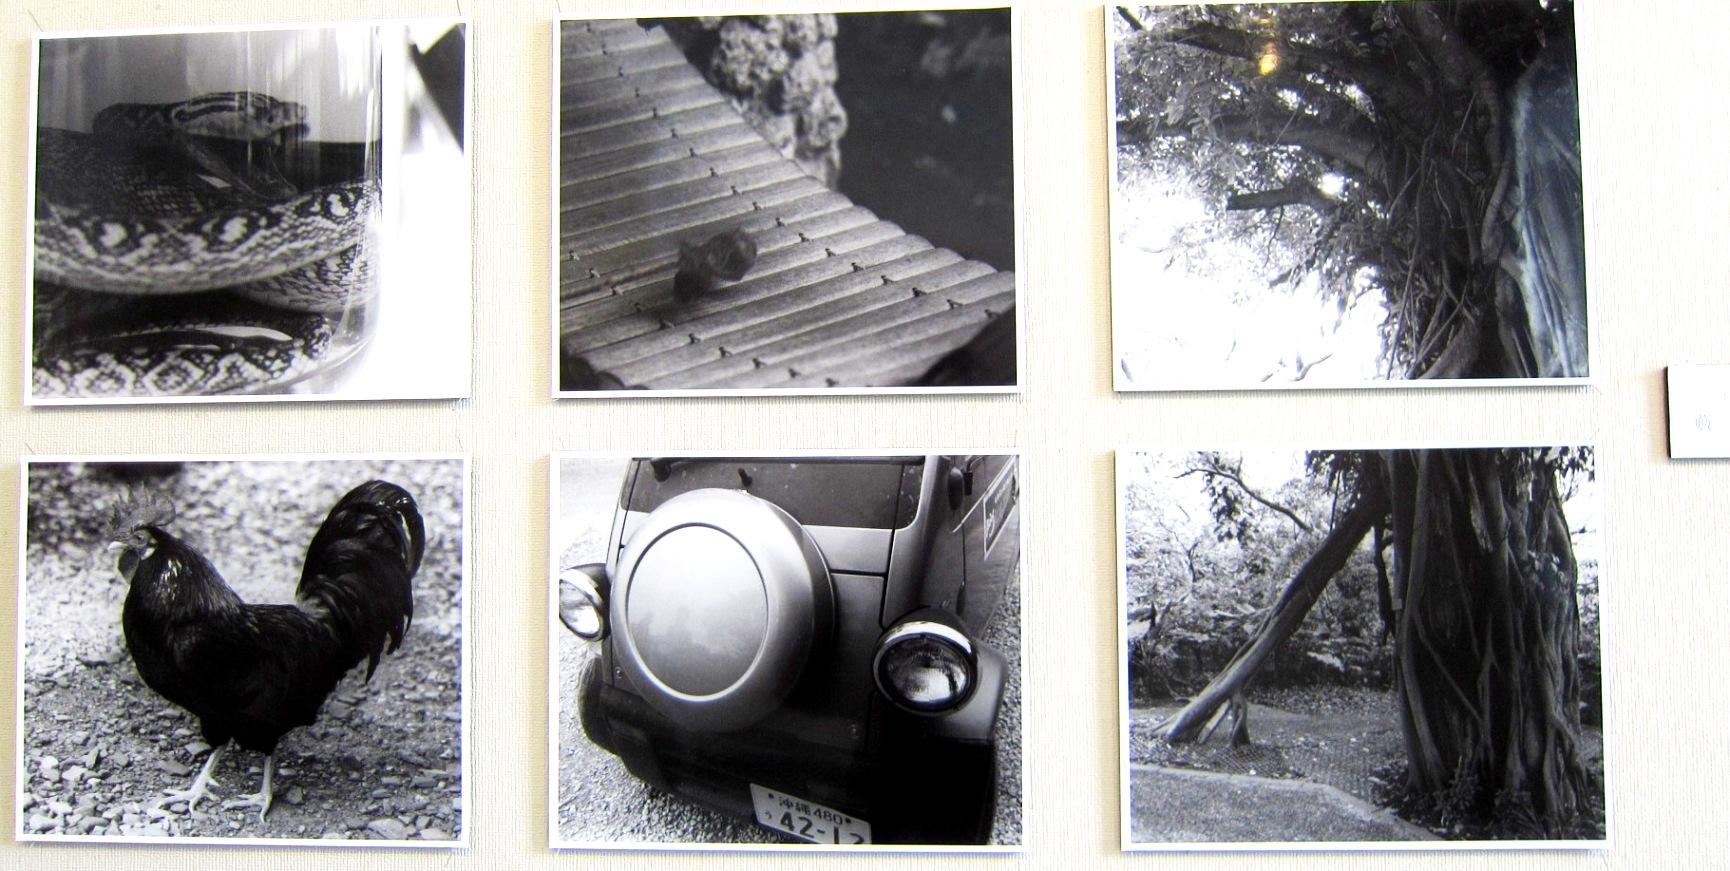 2372) 「小樽商科大学 写真部 三月展」 資料館 終了/3月11日(火)~3月16日(日)_f0126829_2128133.jpg